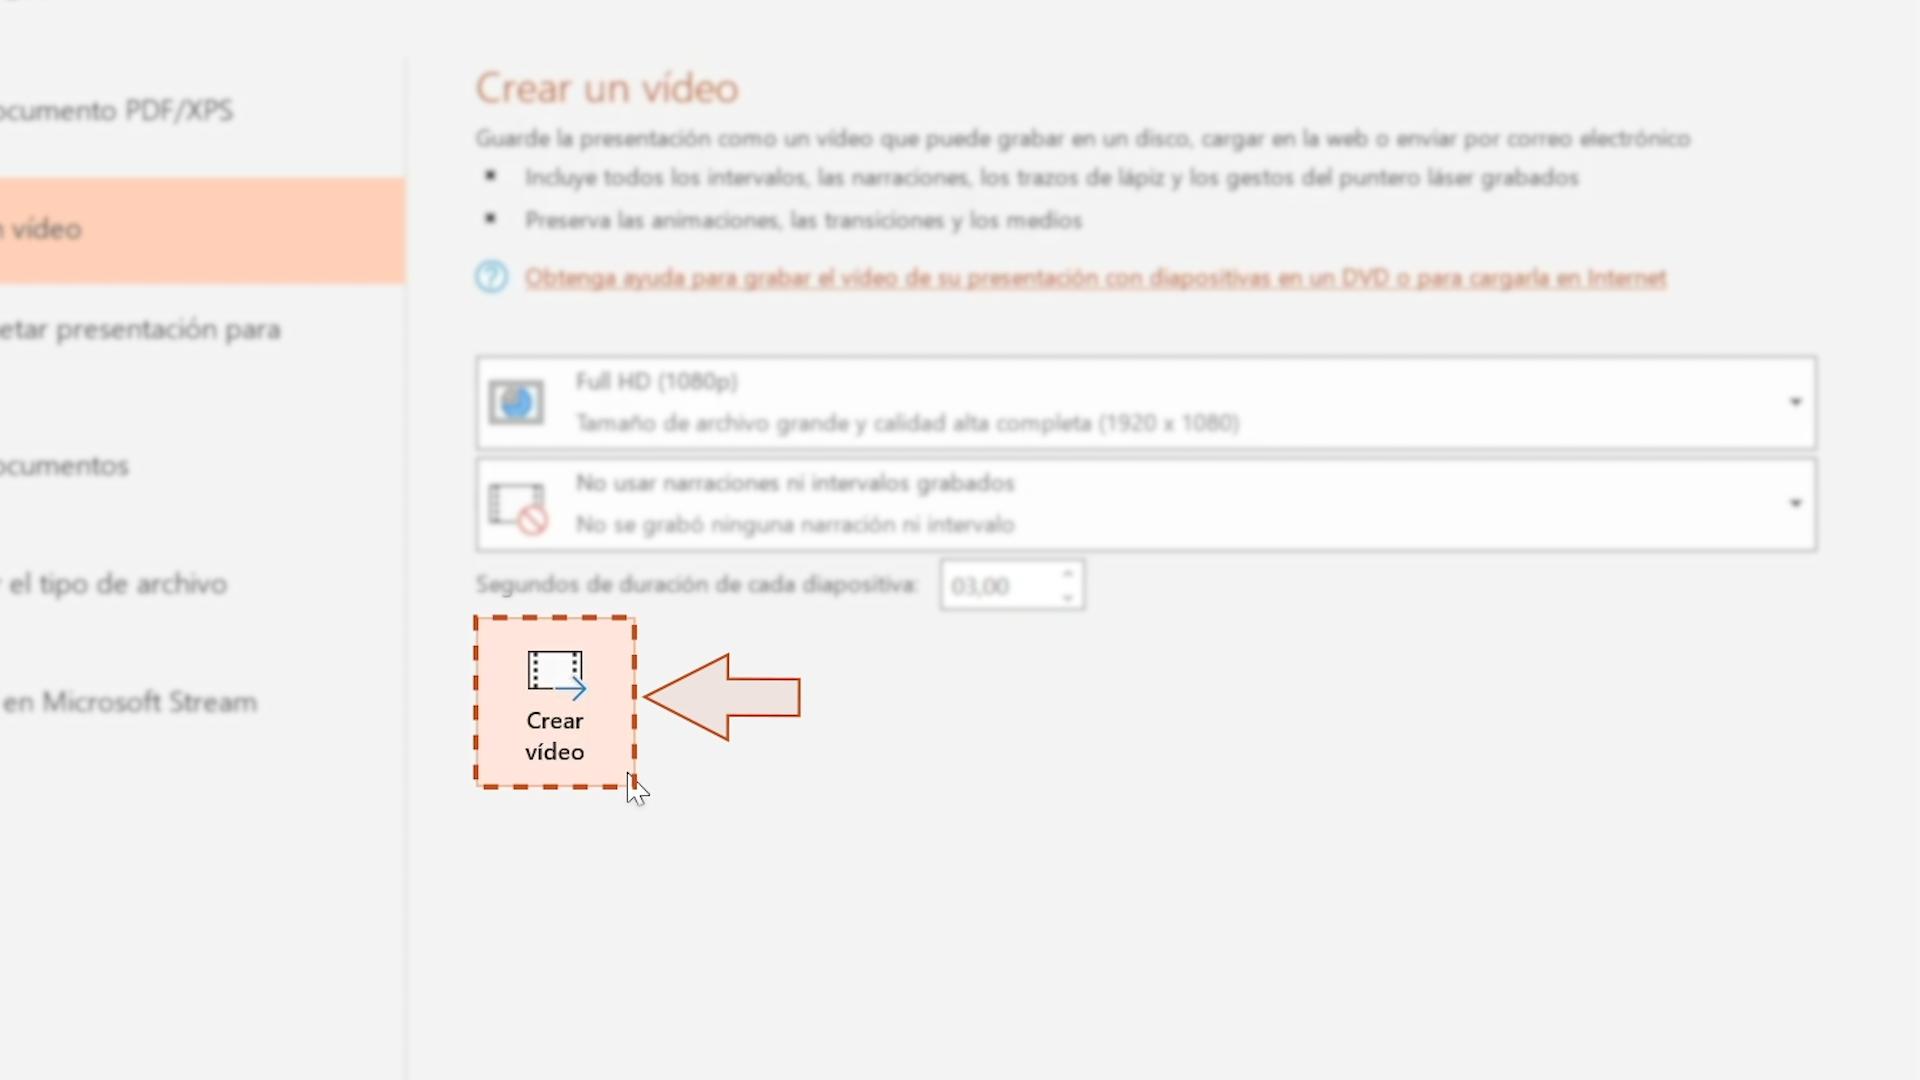 Imagen haciendo clic en la opción Crear video.